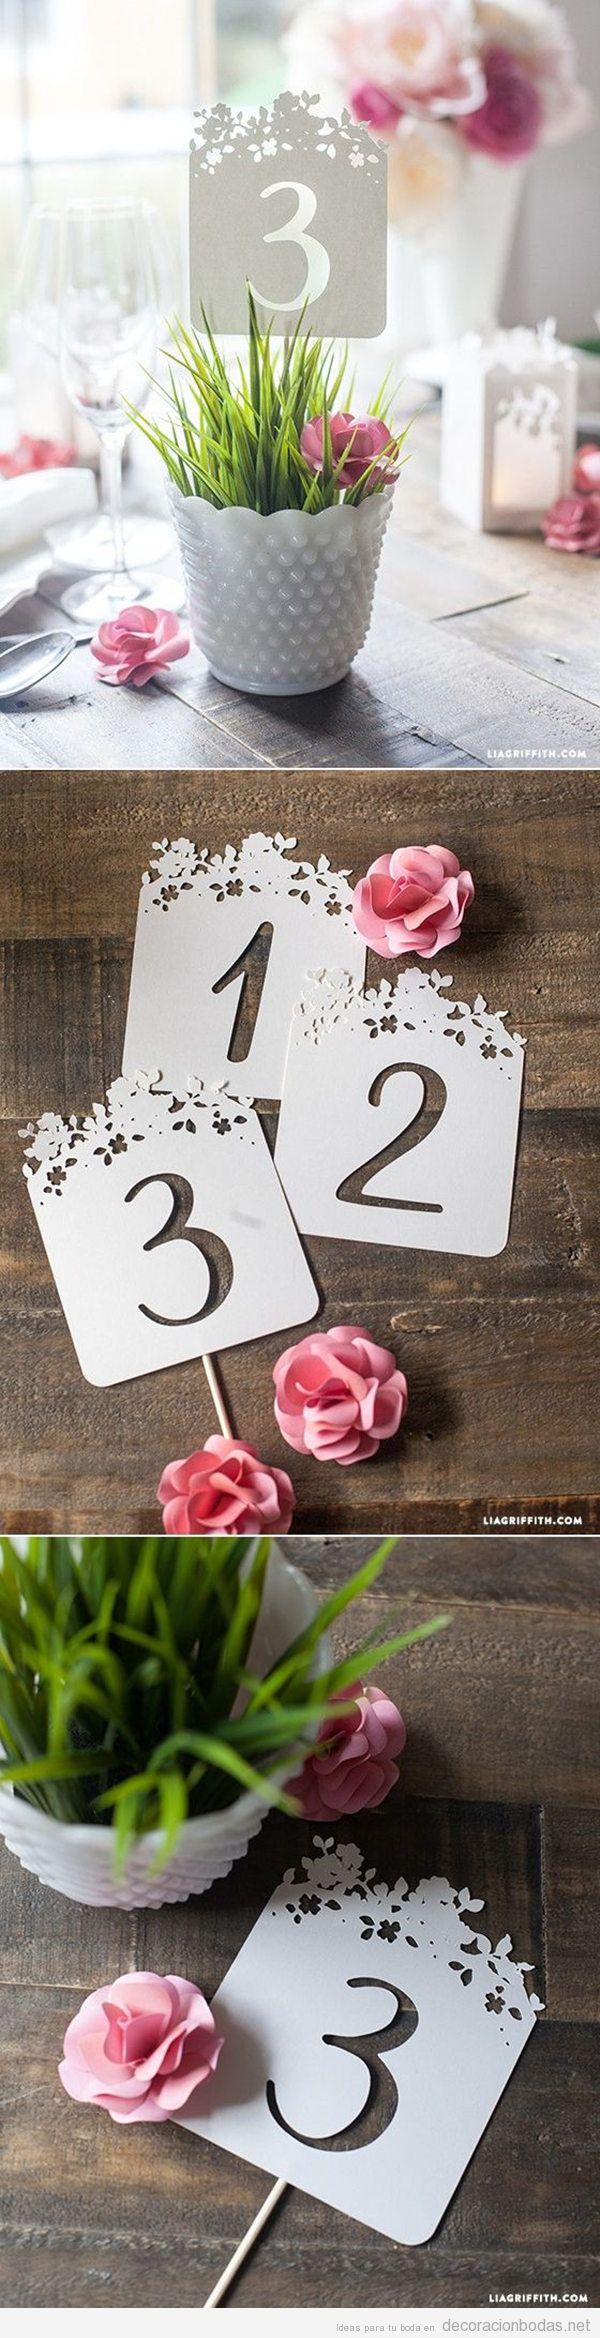 Manualidades para decorar una boda en primavera 5